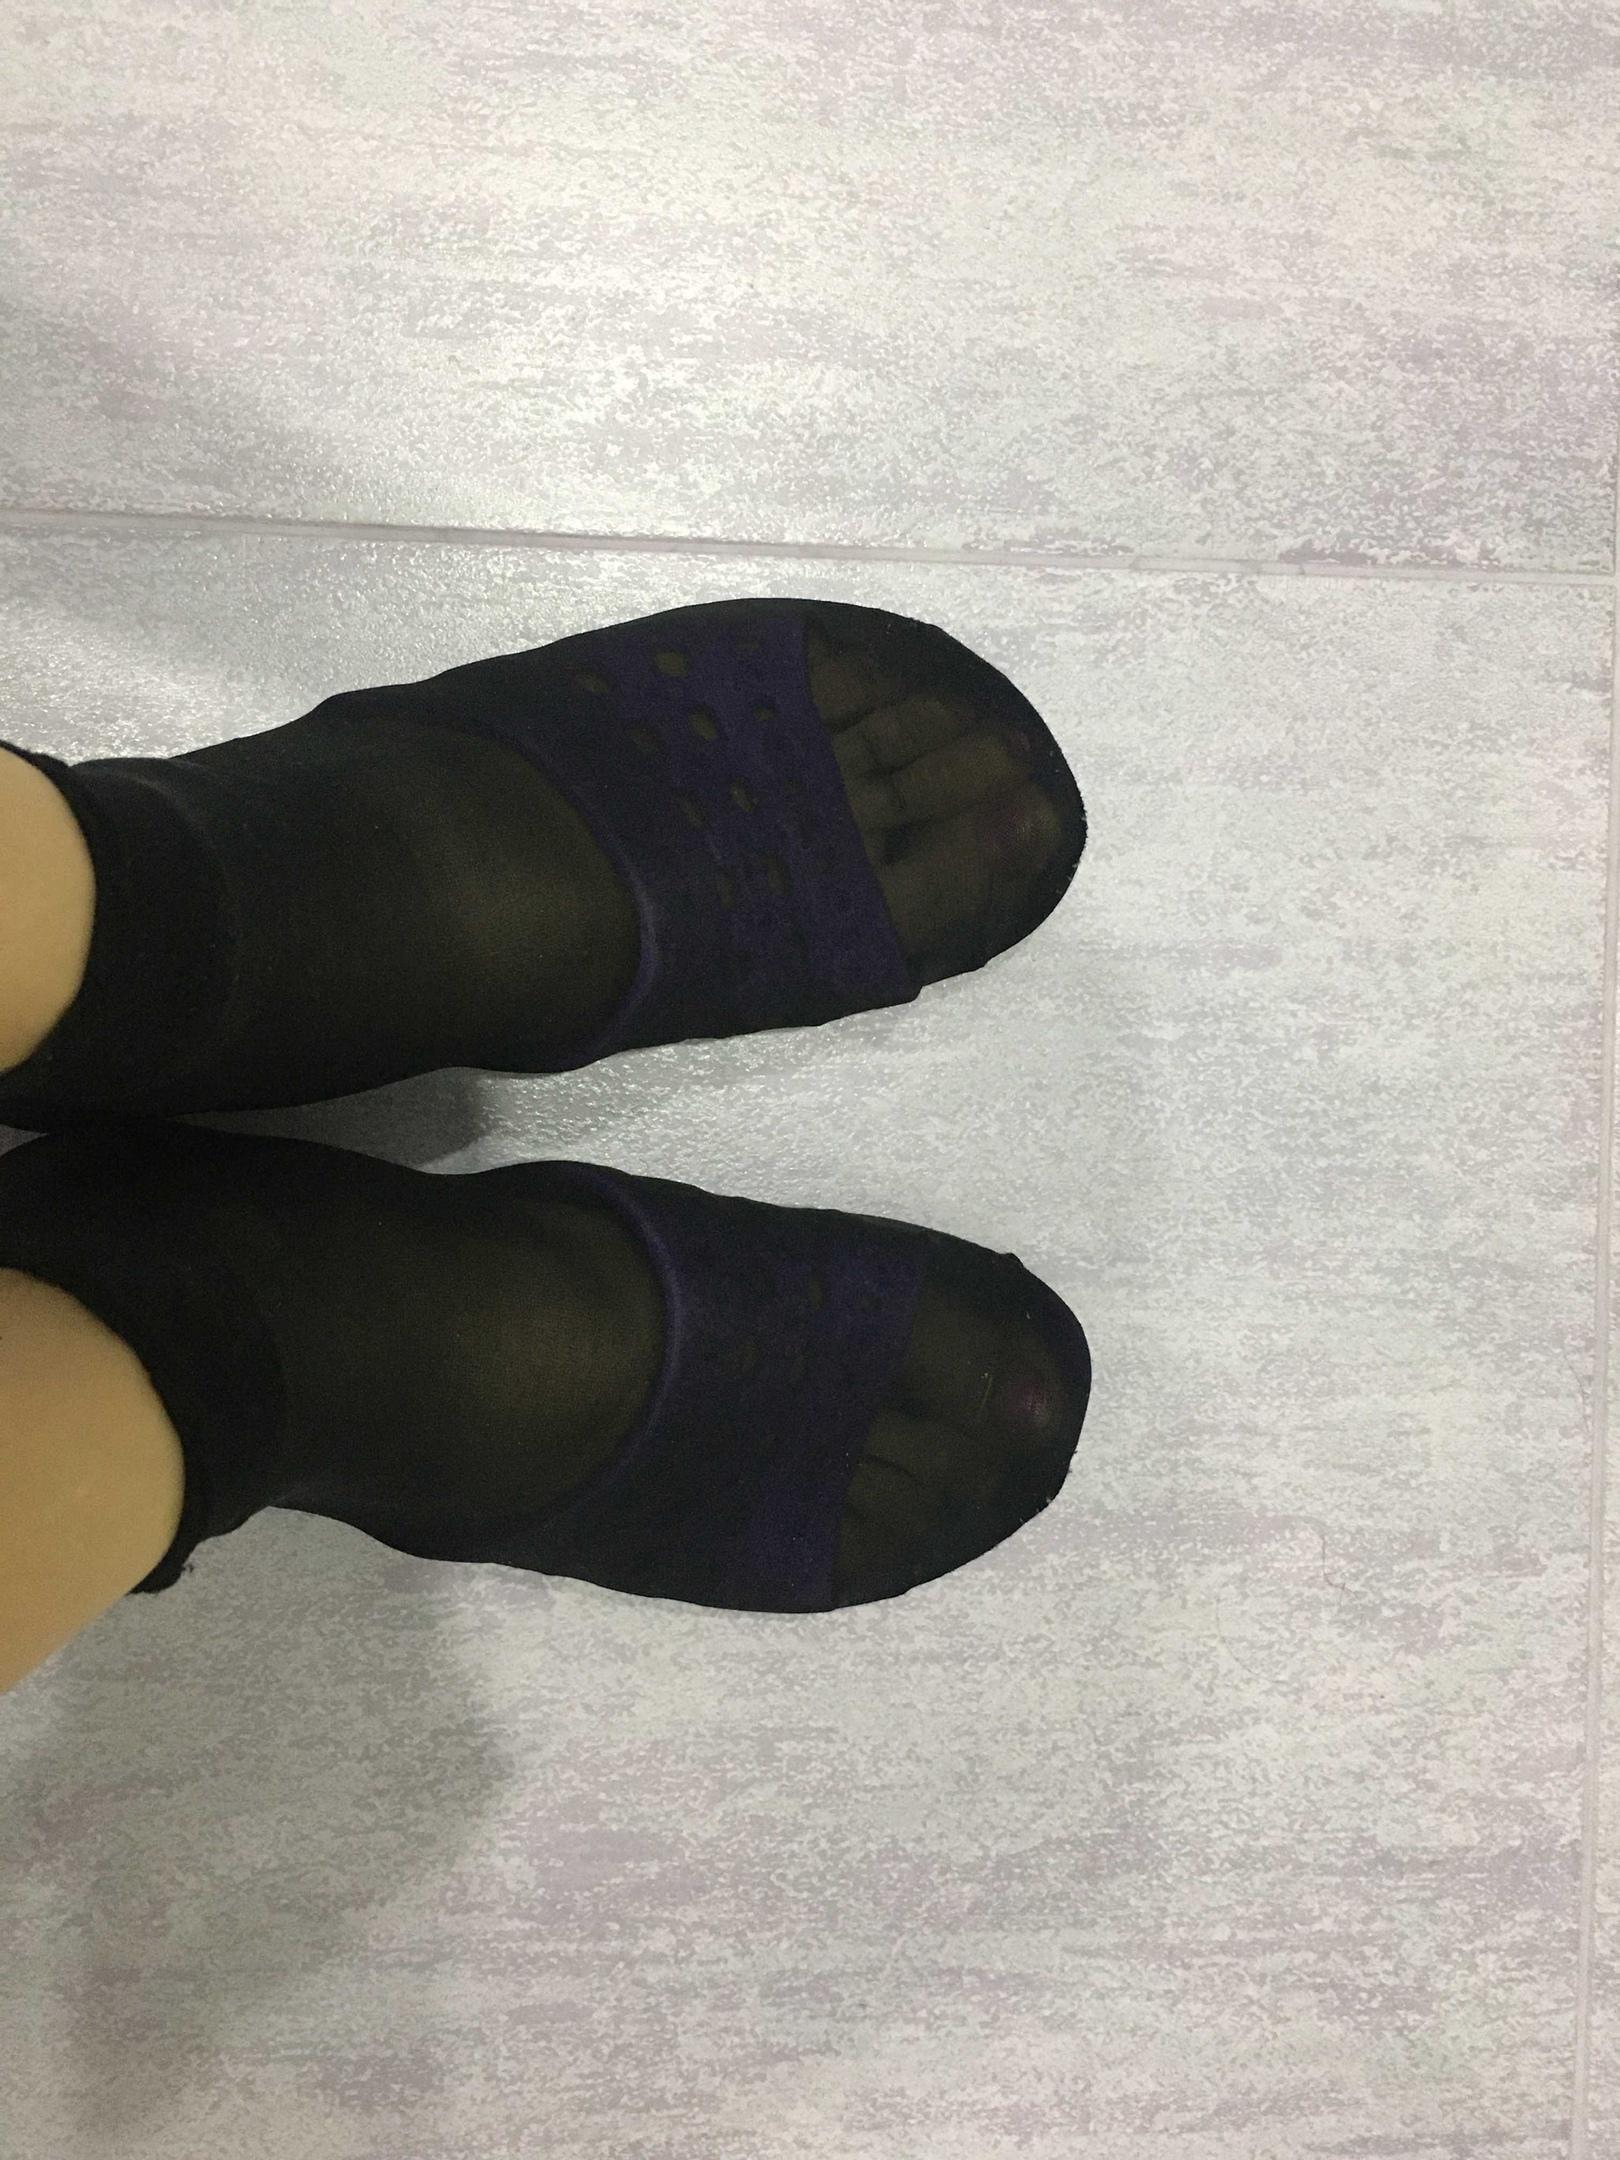 По примеру подруги из Китая надеваю носки на домашние тапочки, чтобы дома было чище